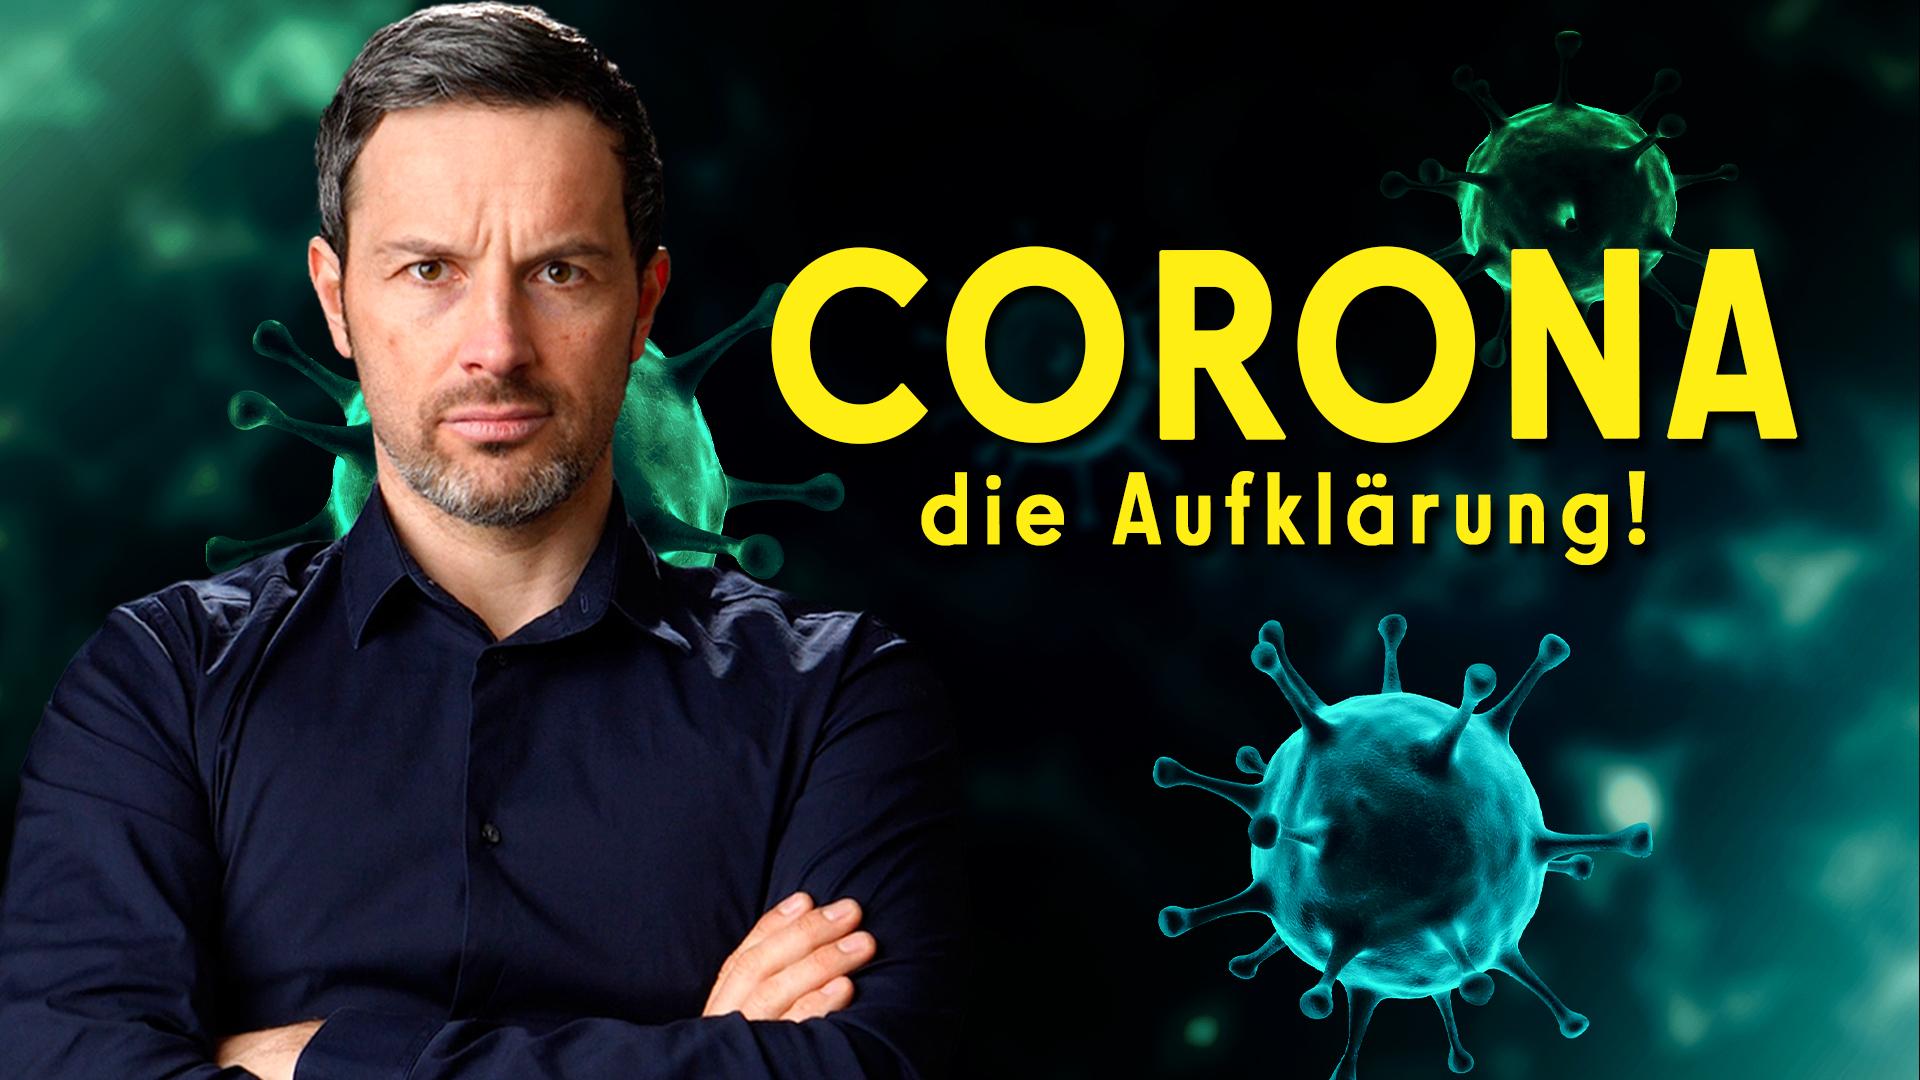 CORONA - die Wahrheit kommt ans Licht (Interview Dr. Roland Wiesendanger)